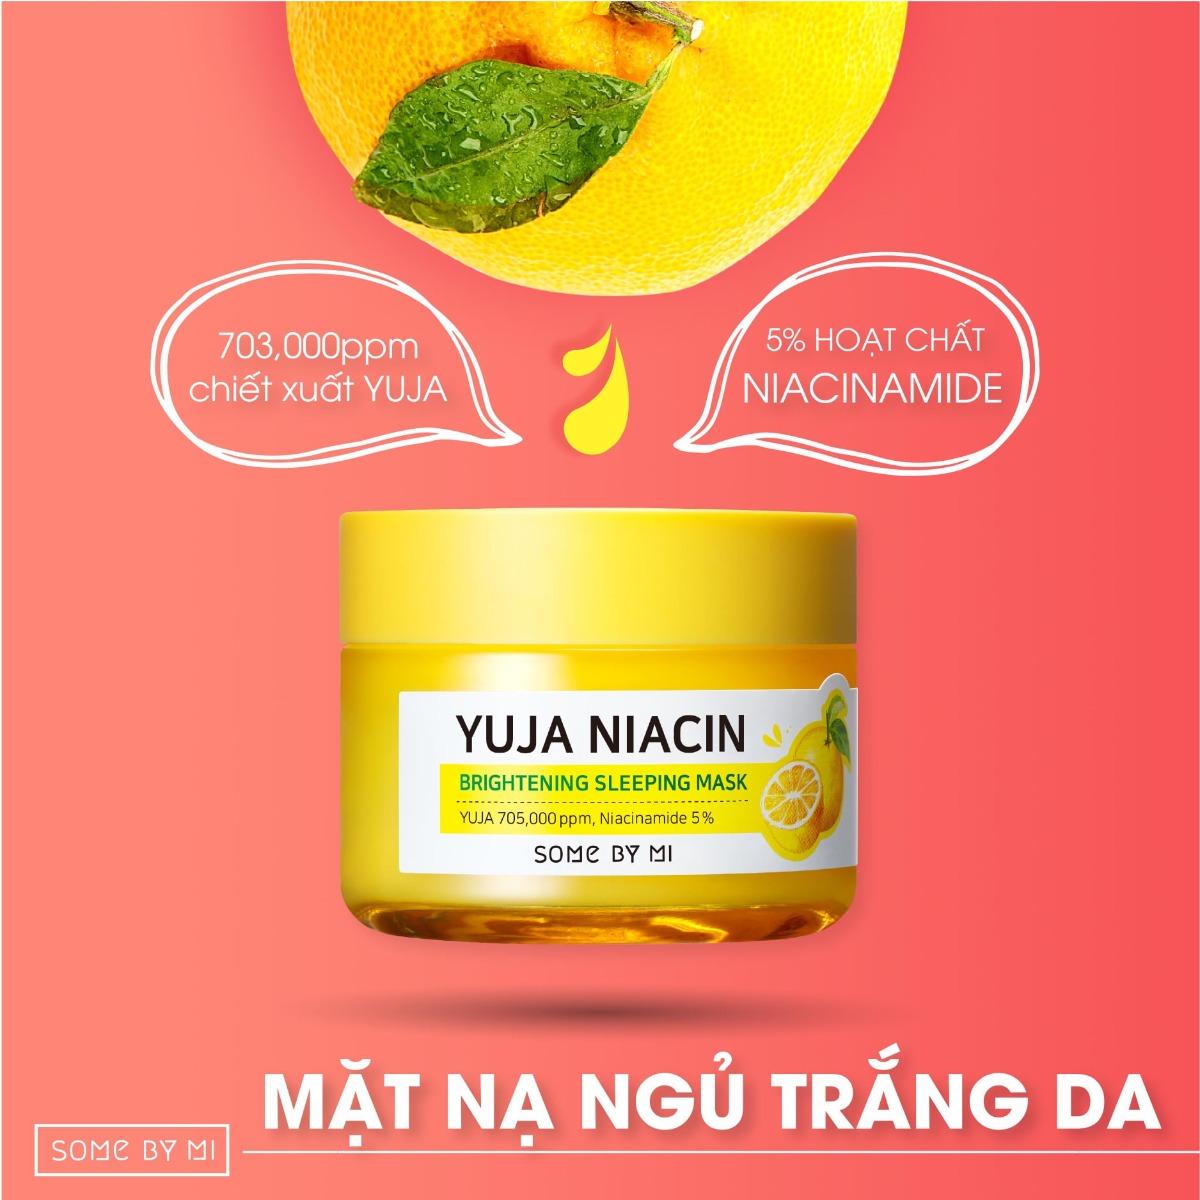 Mặt Nạ Ngủ Dưỡng Sáng Da Some By Mi Chiết Xuất Quả Thanh Yên Yuja Niacin 30 days Miracle Brightening Sleeping Mask